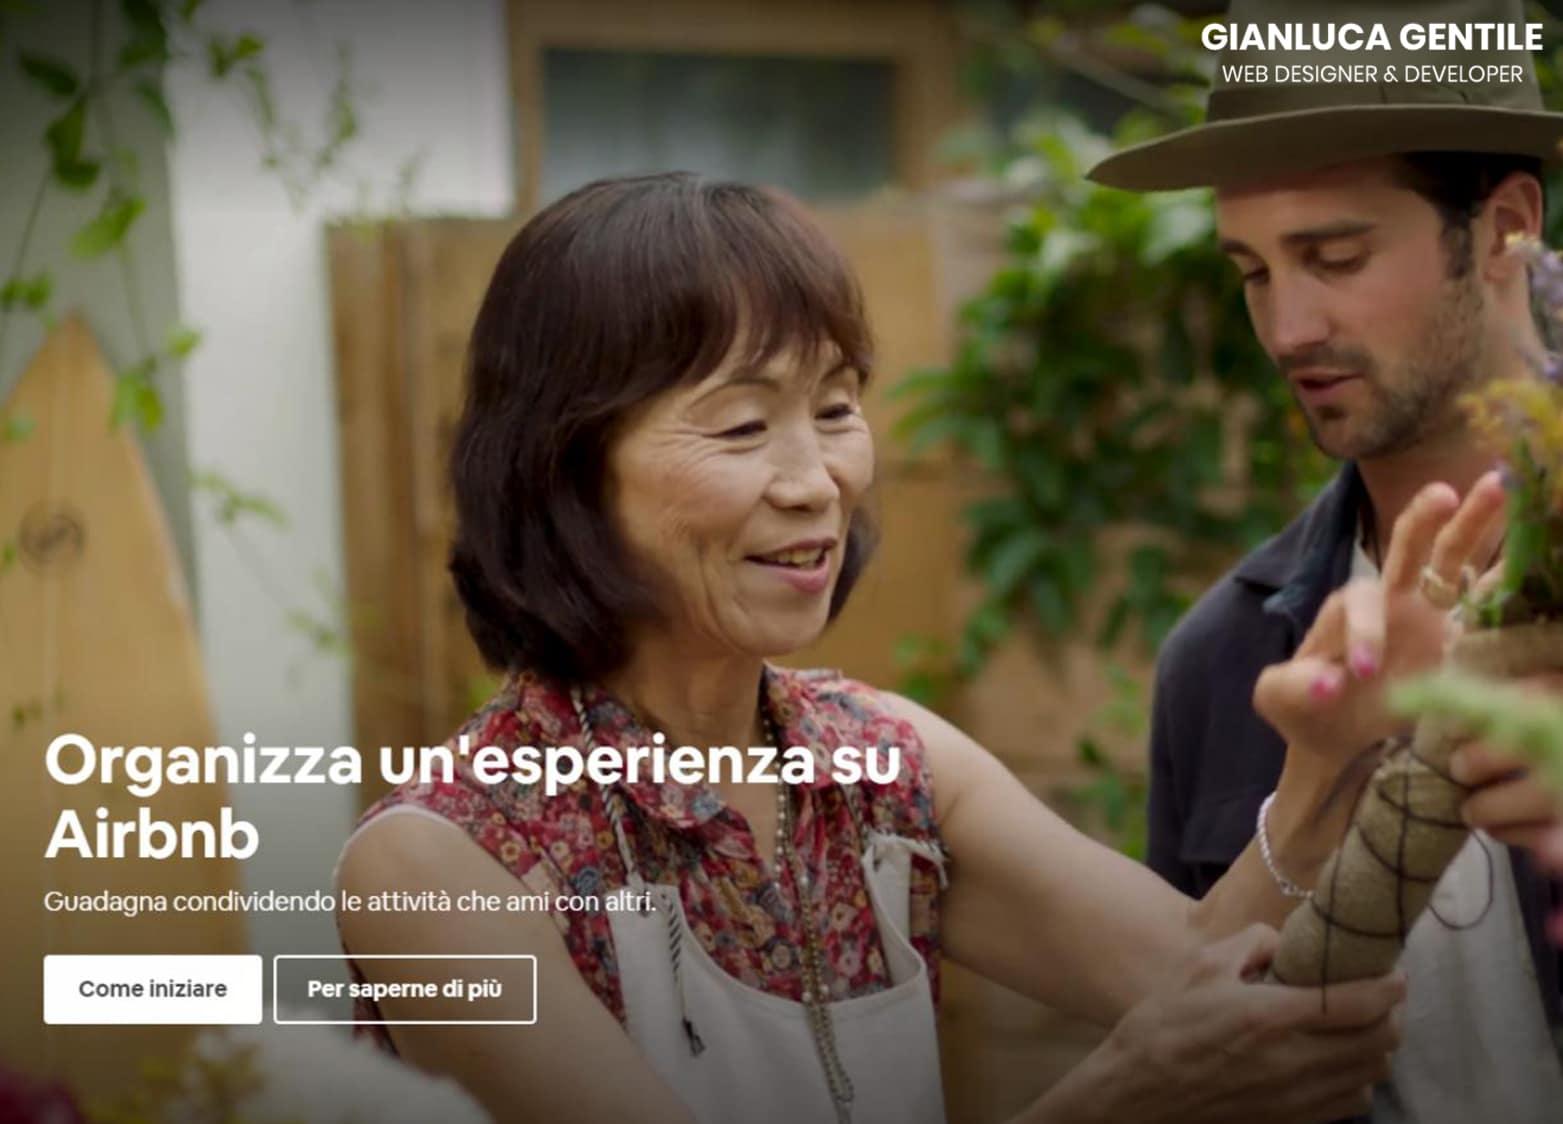 airbnb esperienze - Airbnb Esperienze per il sociale la soluzione ideale per le organizzazioni Non profit - Airbnb Esperienze per il sociale, la soluzione ideale per le organizzazioni Non profit